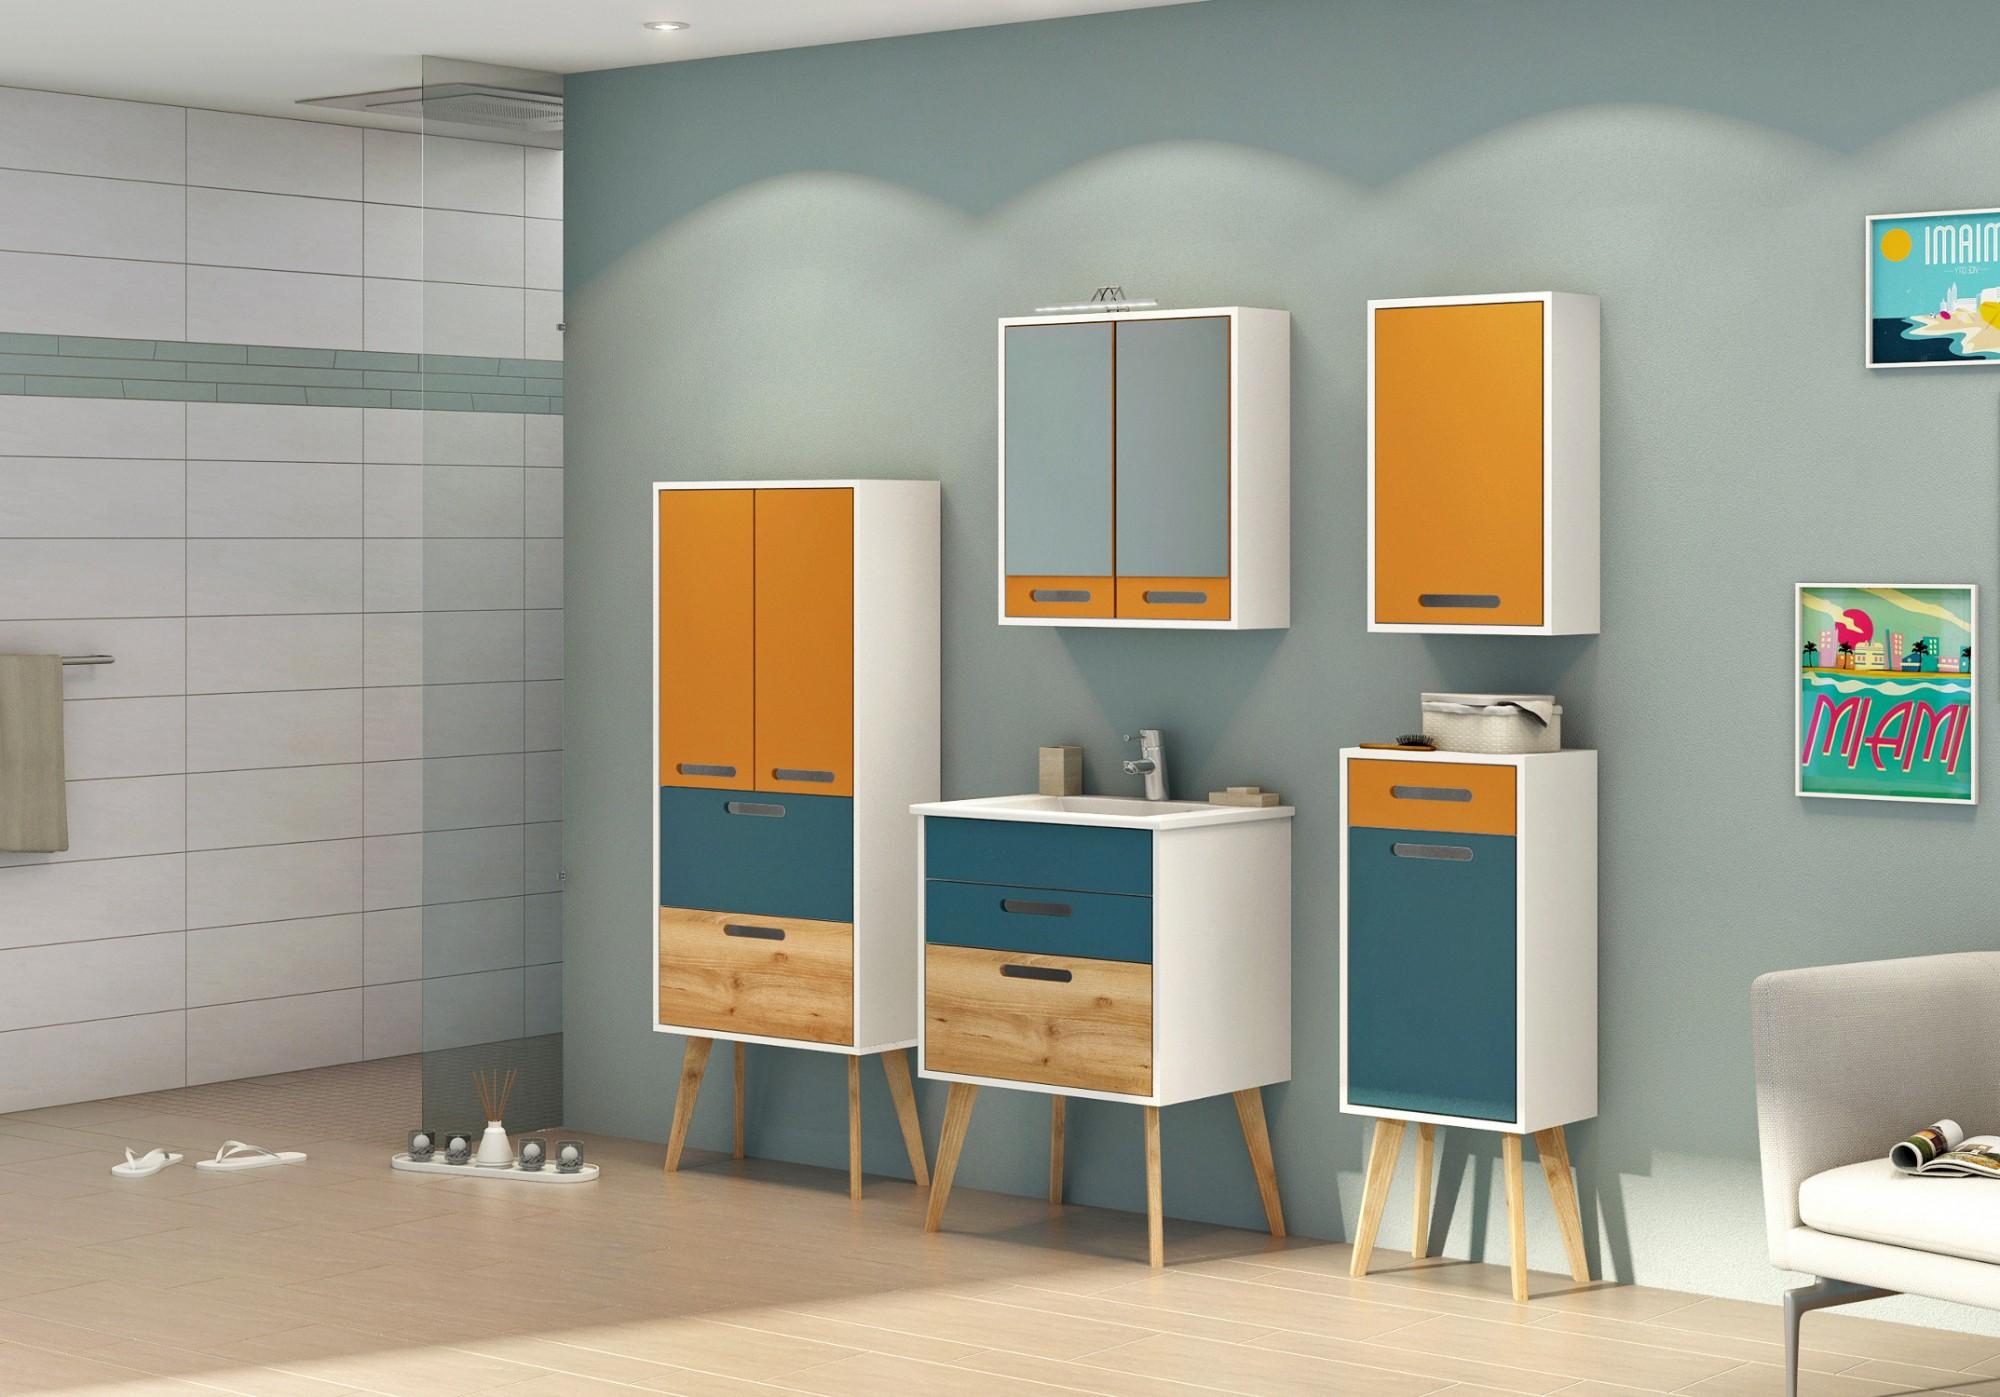 badezimmerspiegel malm spiegelschrank retro badspiegel 60 cm gelb weiss ebay. Black Bedroom Furniture Sets. Home Design Ideas